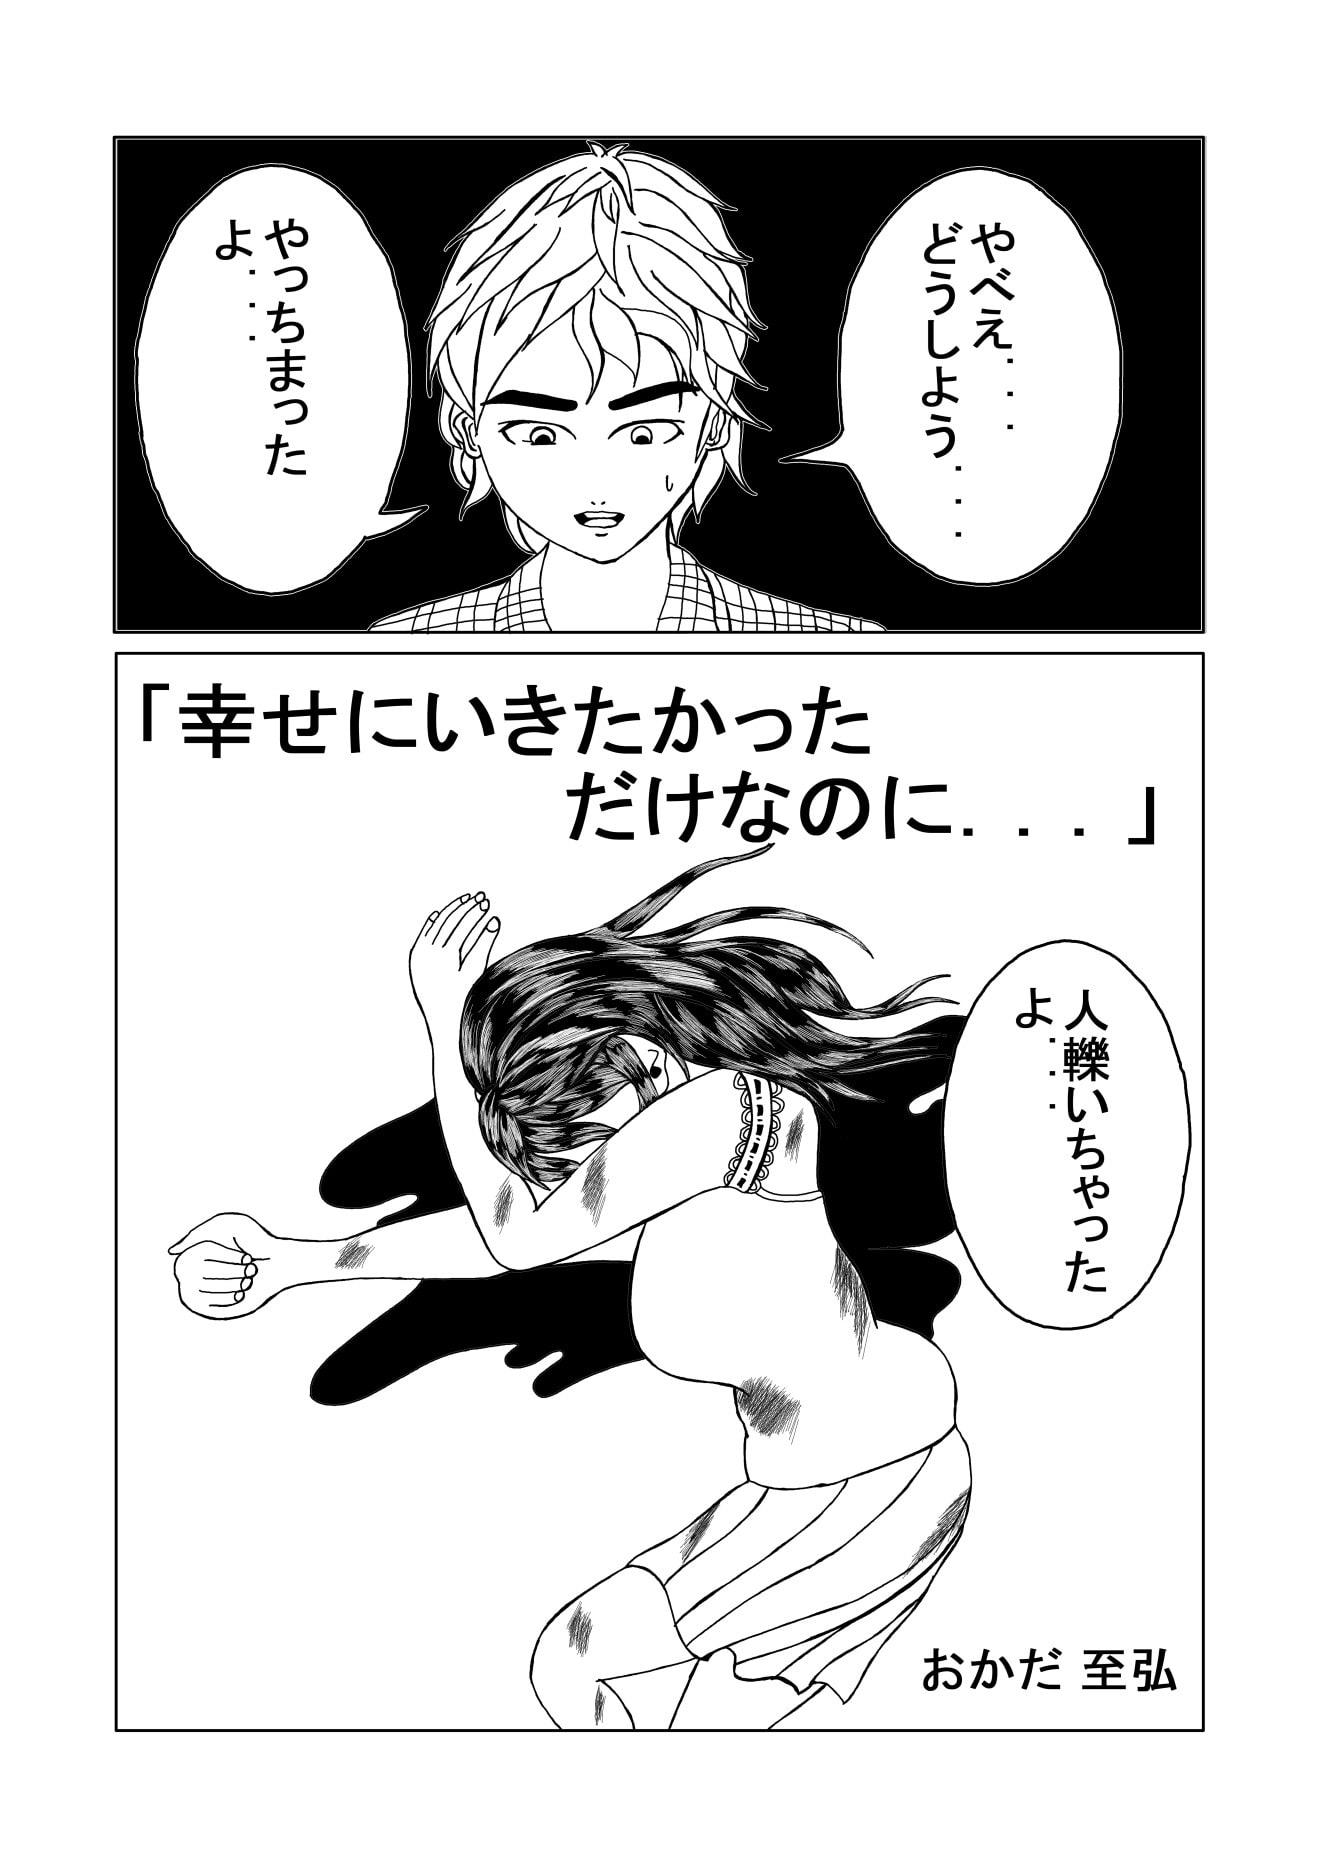 月刊漫画制作-YUKI-2020年11月号のサンプル画像